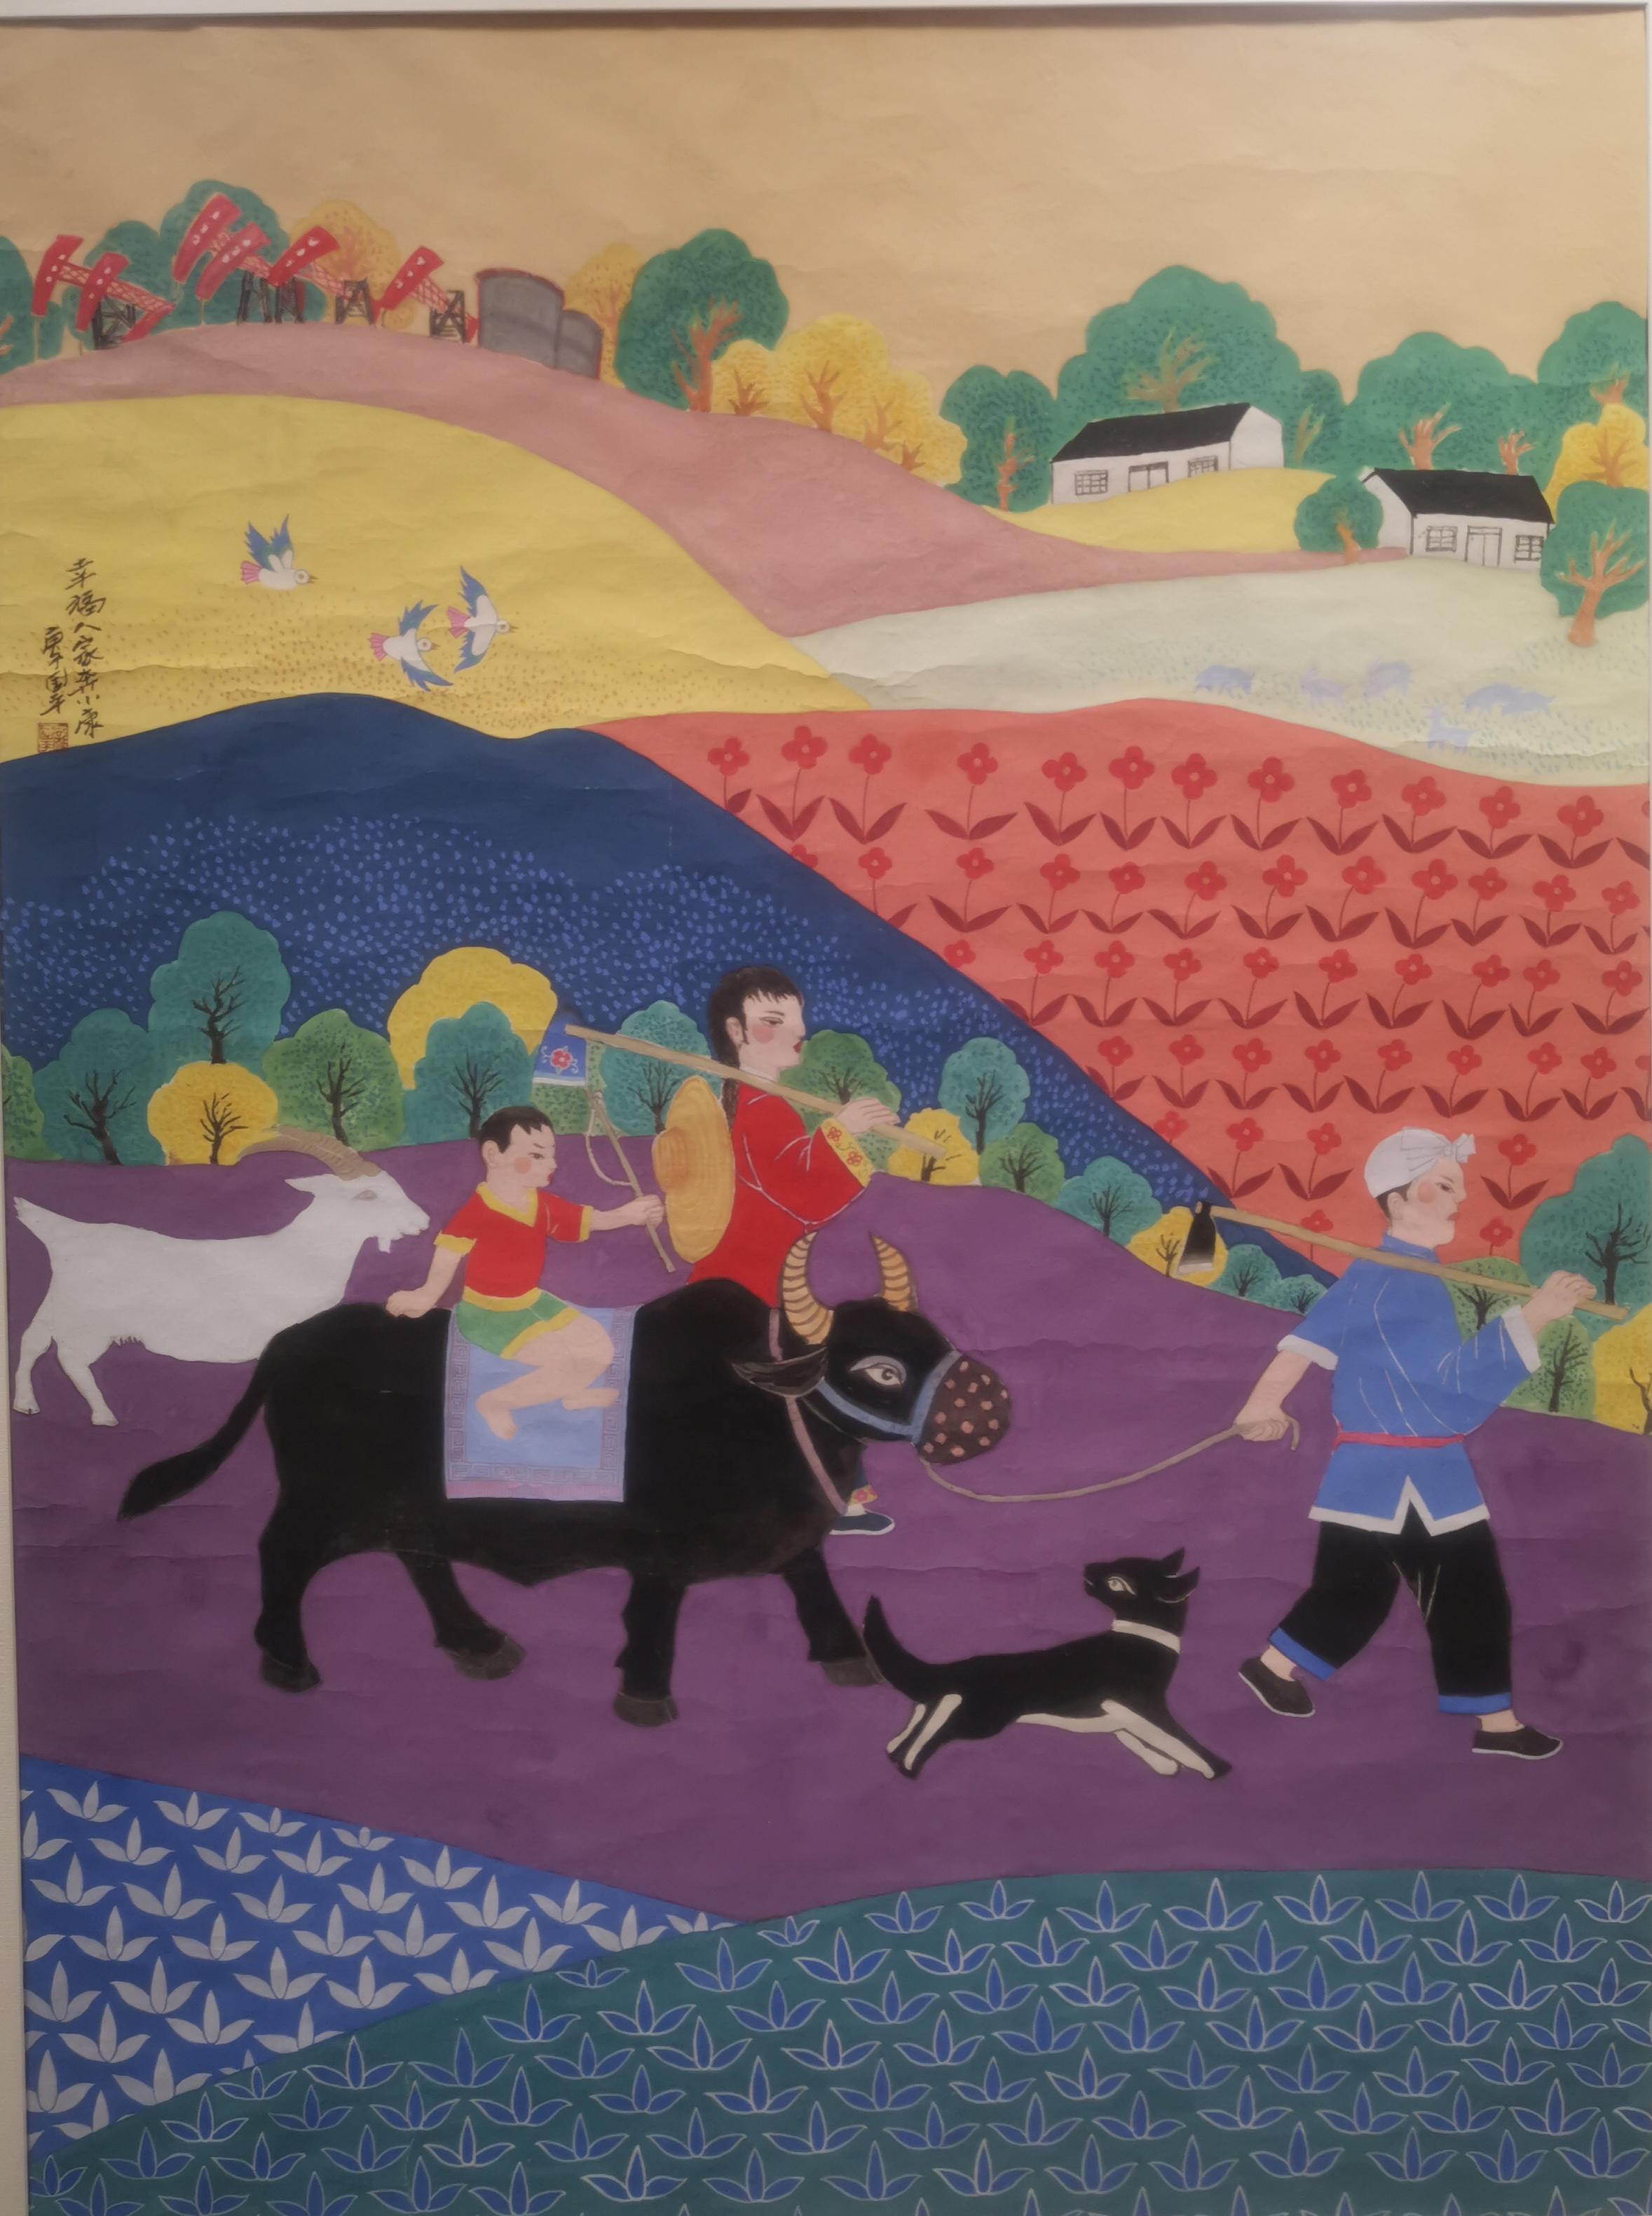 甘肅省文聯主席王登渤表示,從現場這些農民畫作品中可以感受到其中的真誠和質樸。他希望,以後能組織更多的專業畫家來看看這些農民畫,從這些帶著泥土芬芳和真摯情感的作品中收穫創作靈感。 圖為《幸福一家奔小康》。